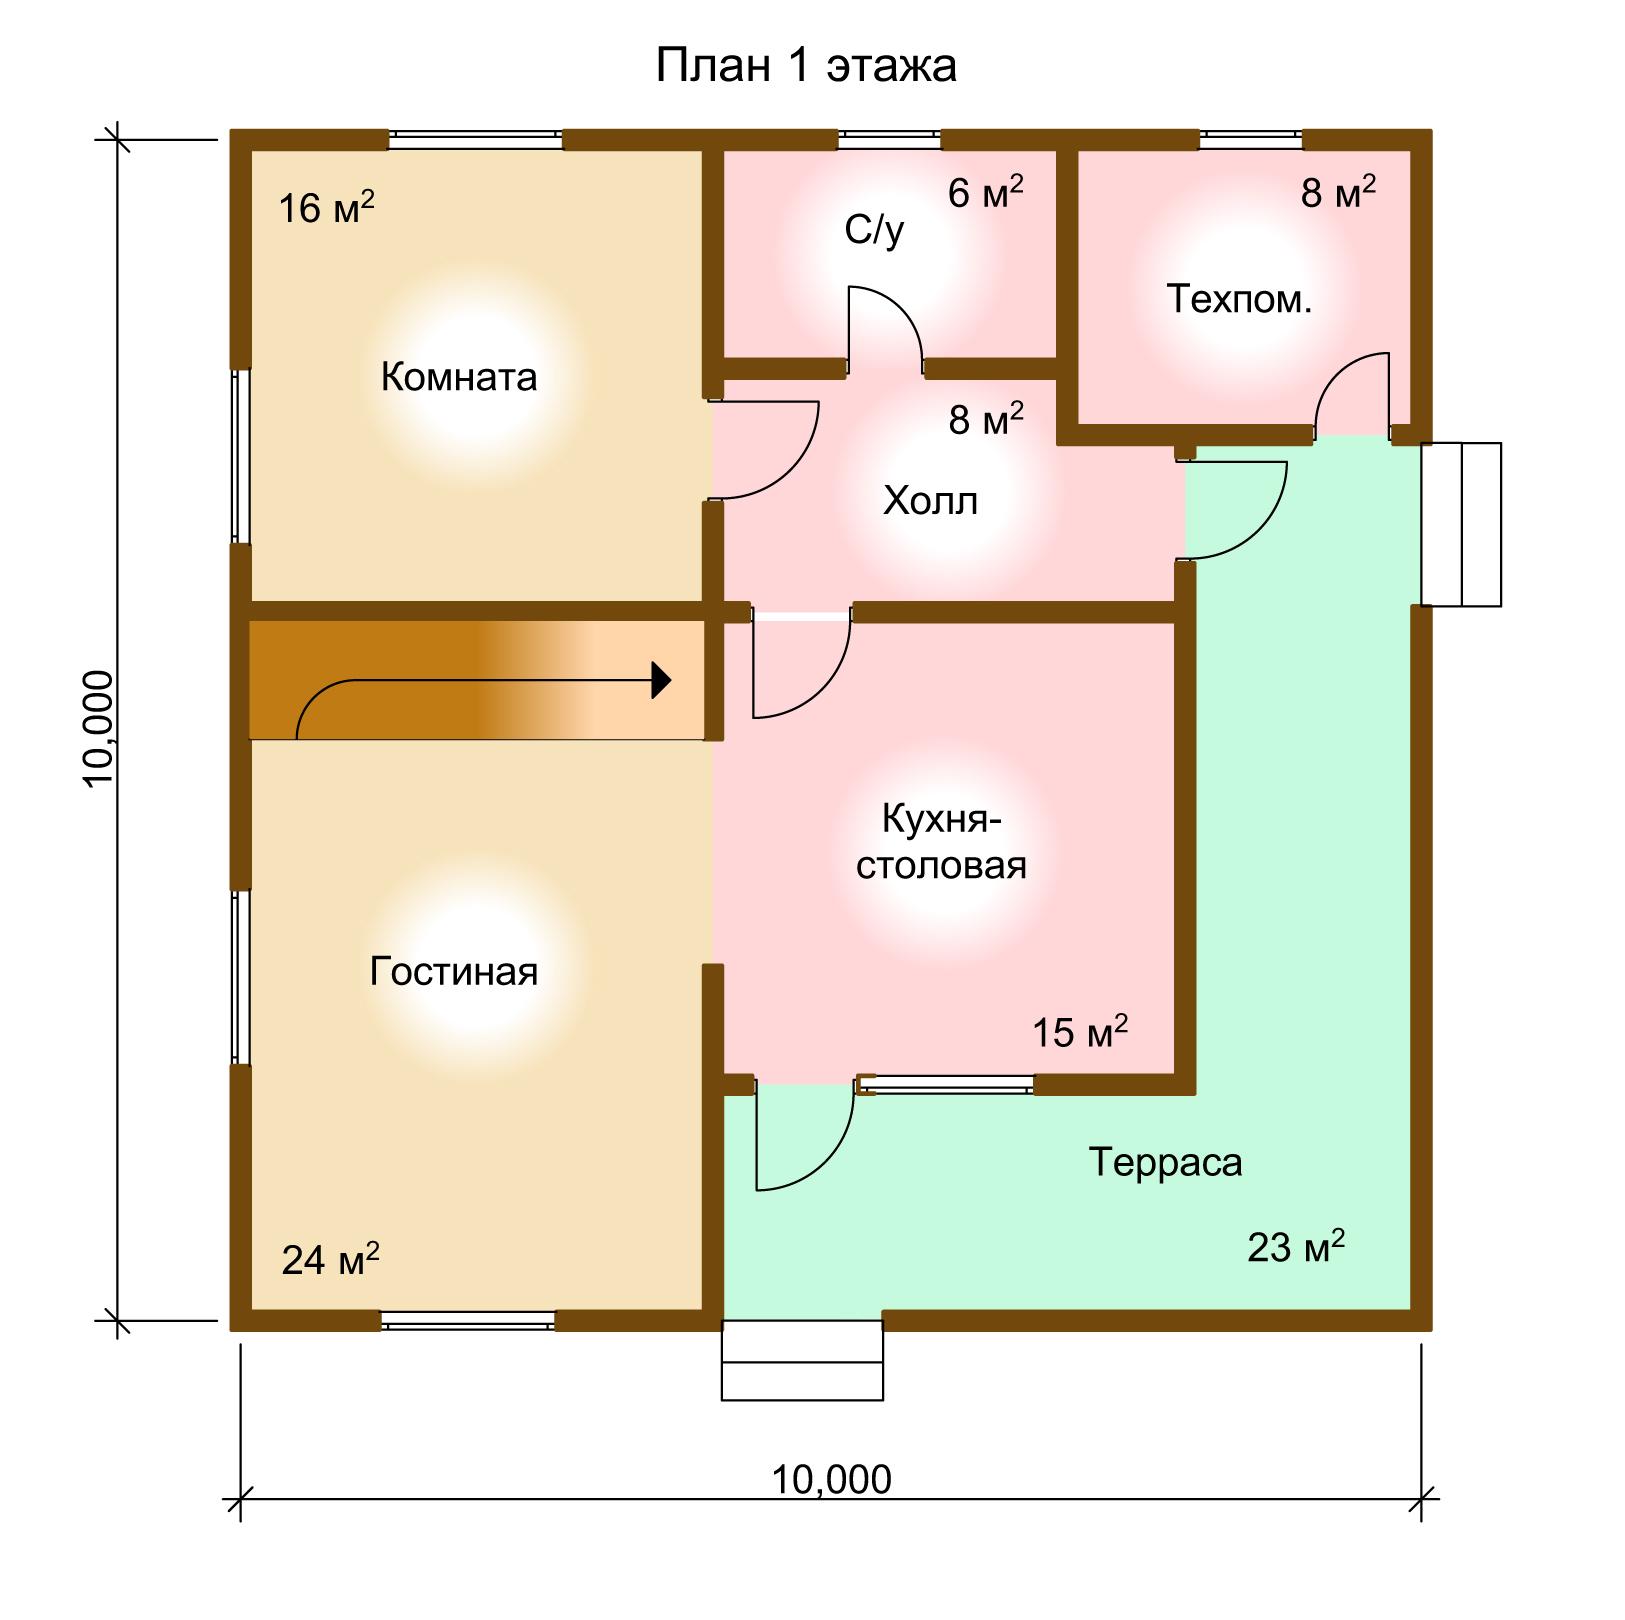 Проект К-1 план